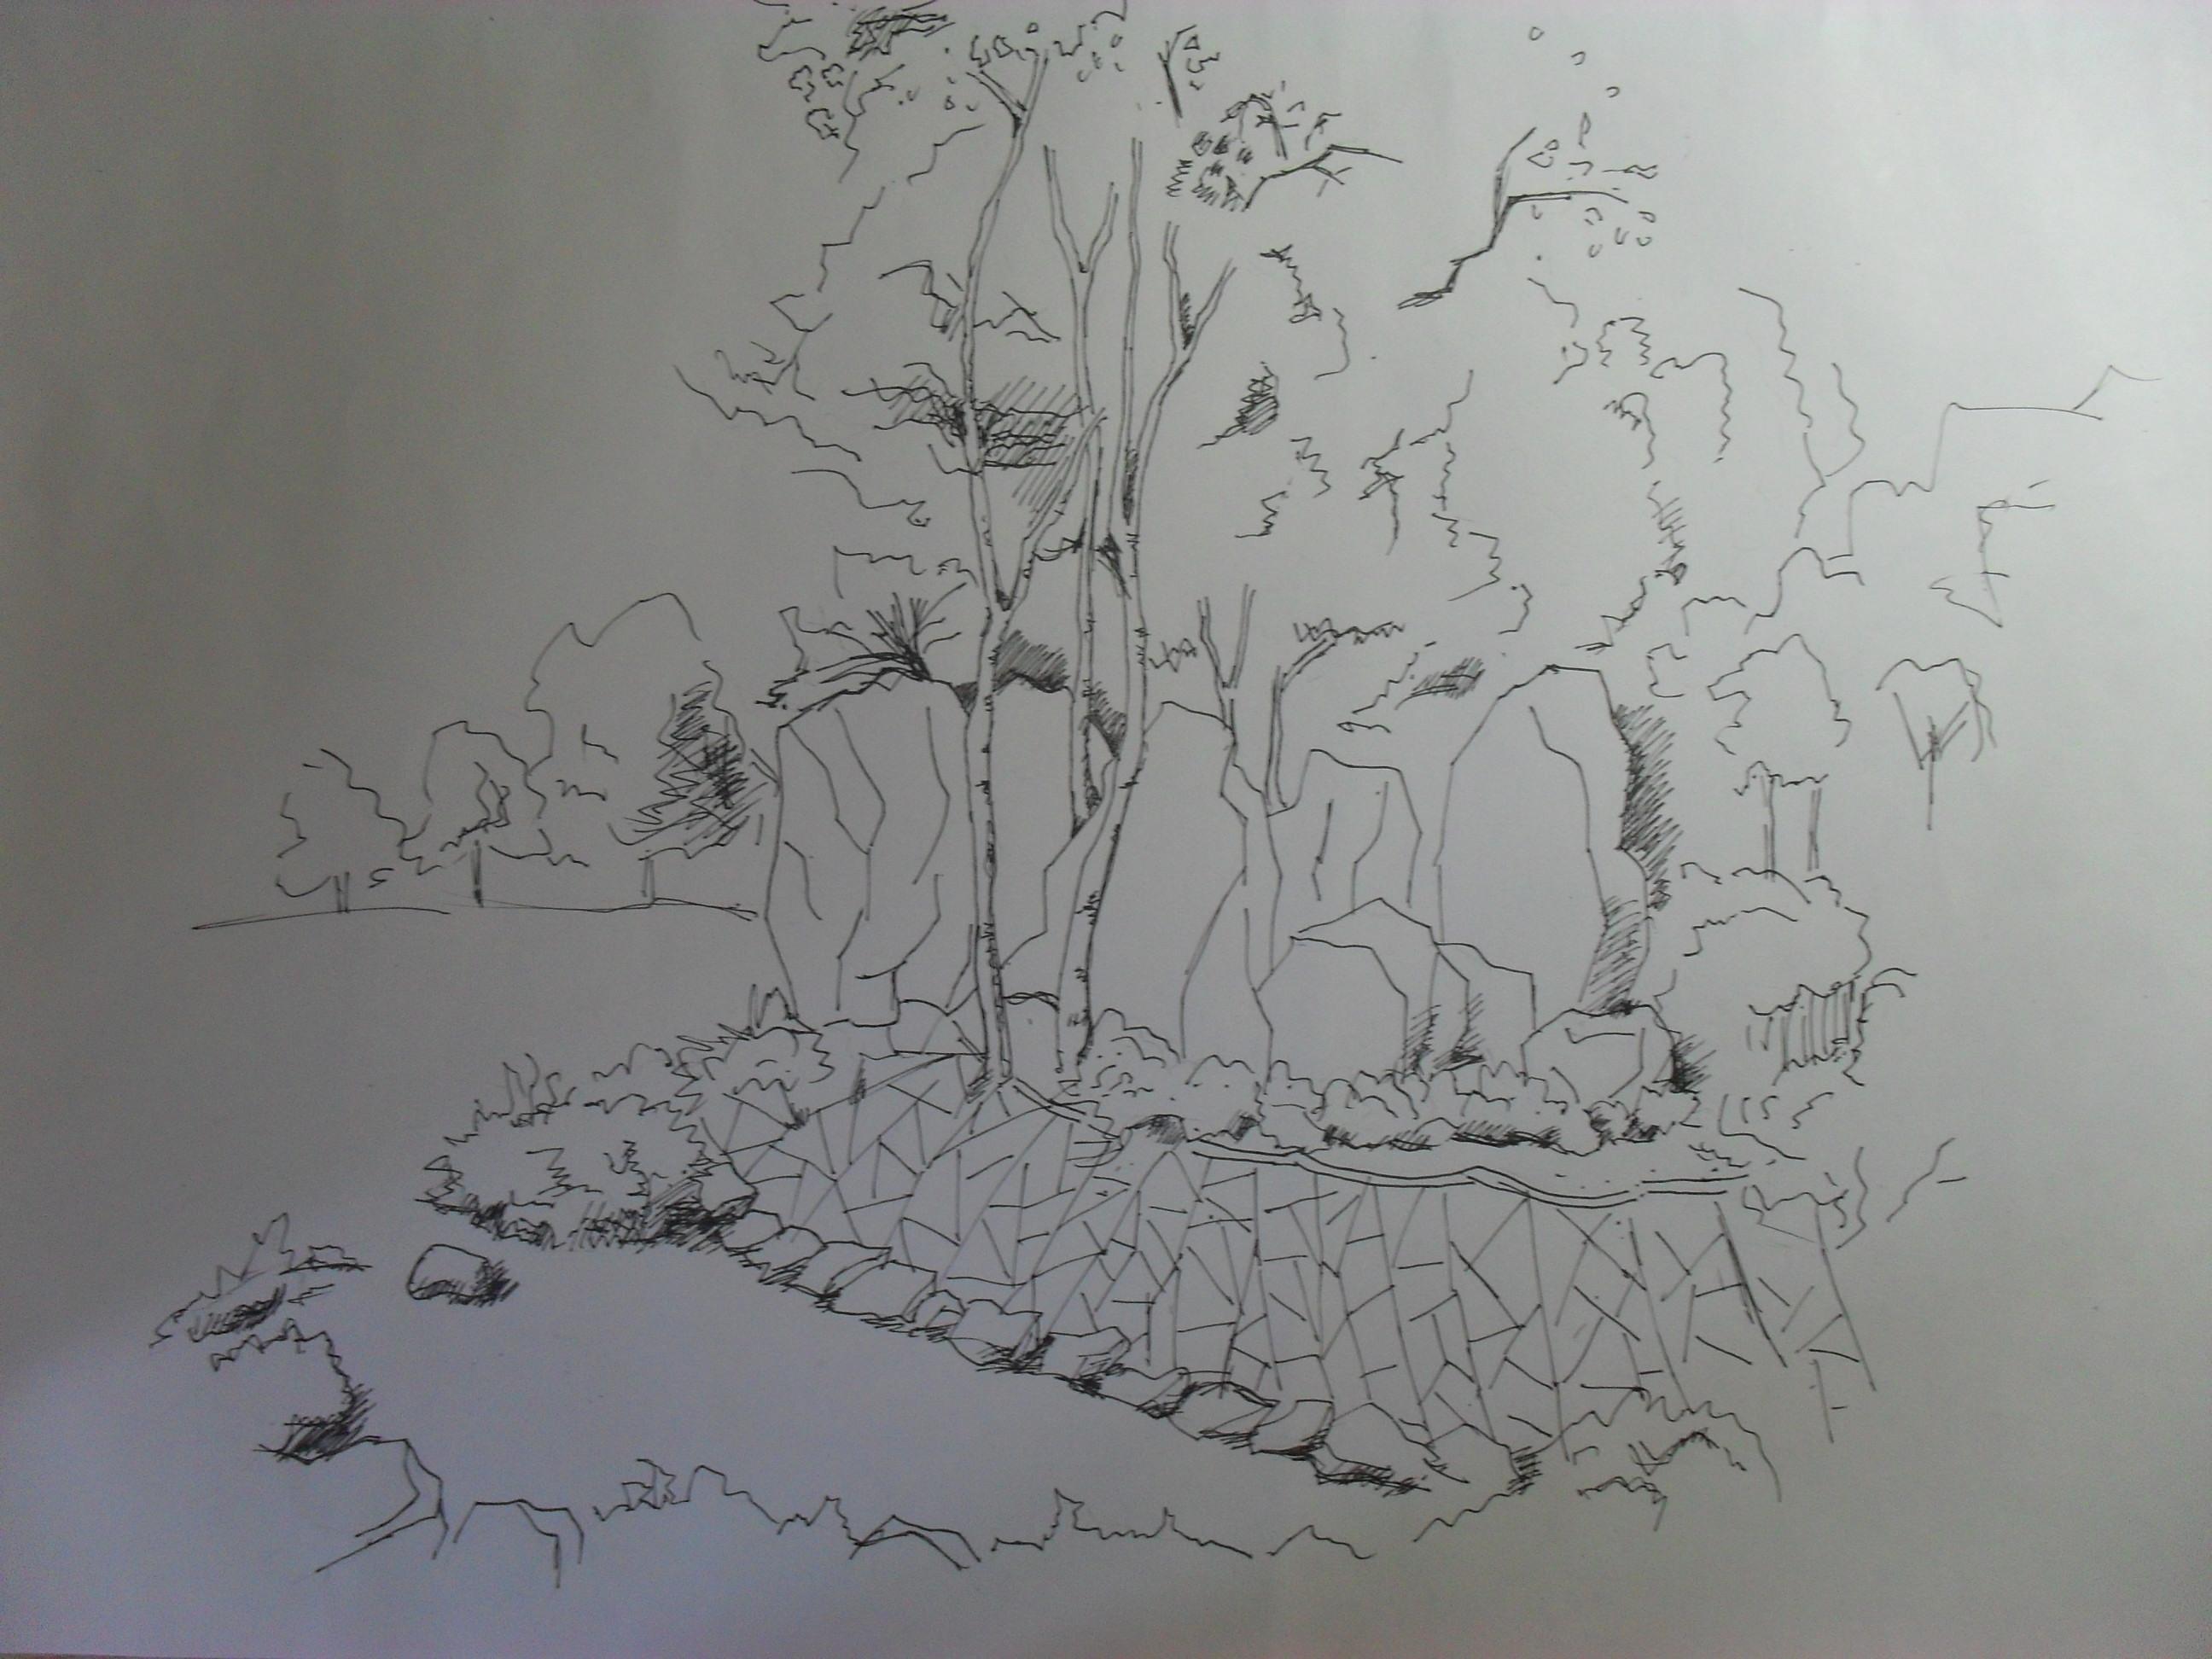 园林节点手绘效果图_cad图纸下载-土木在线